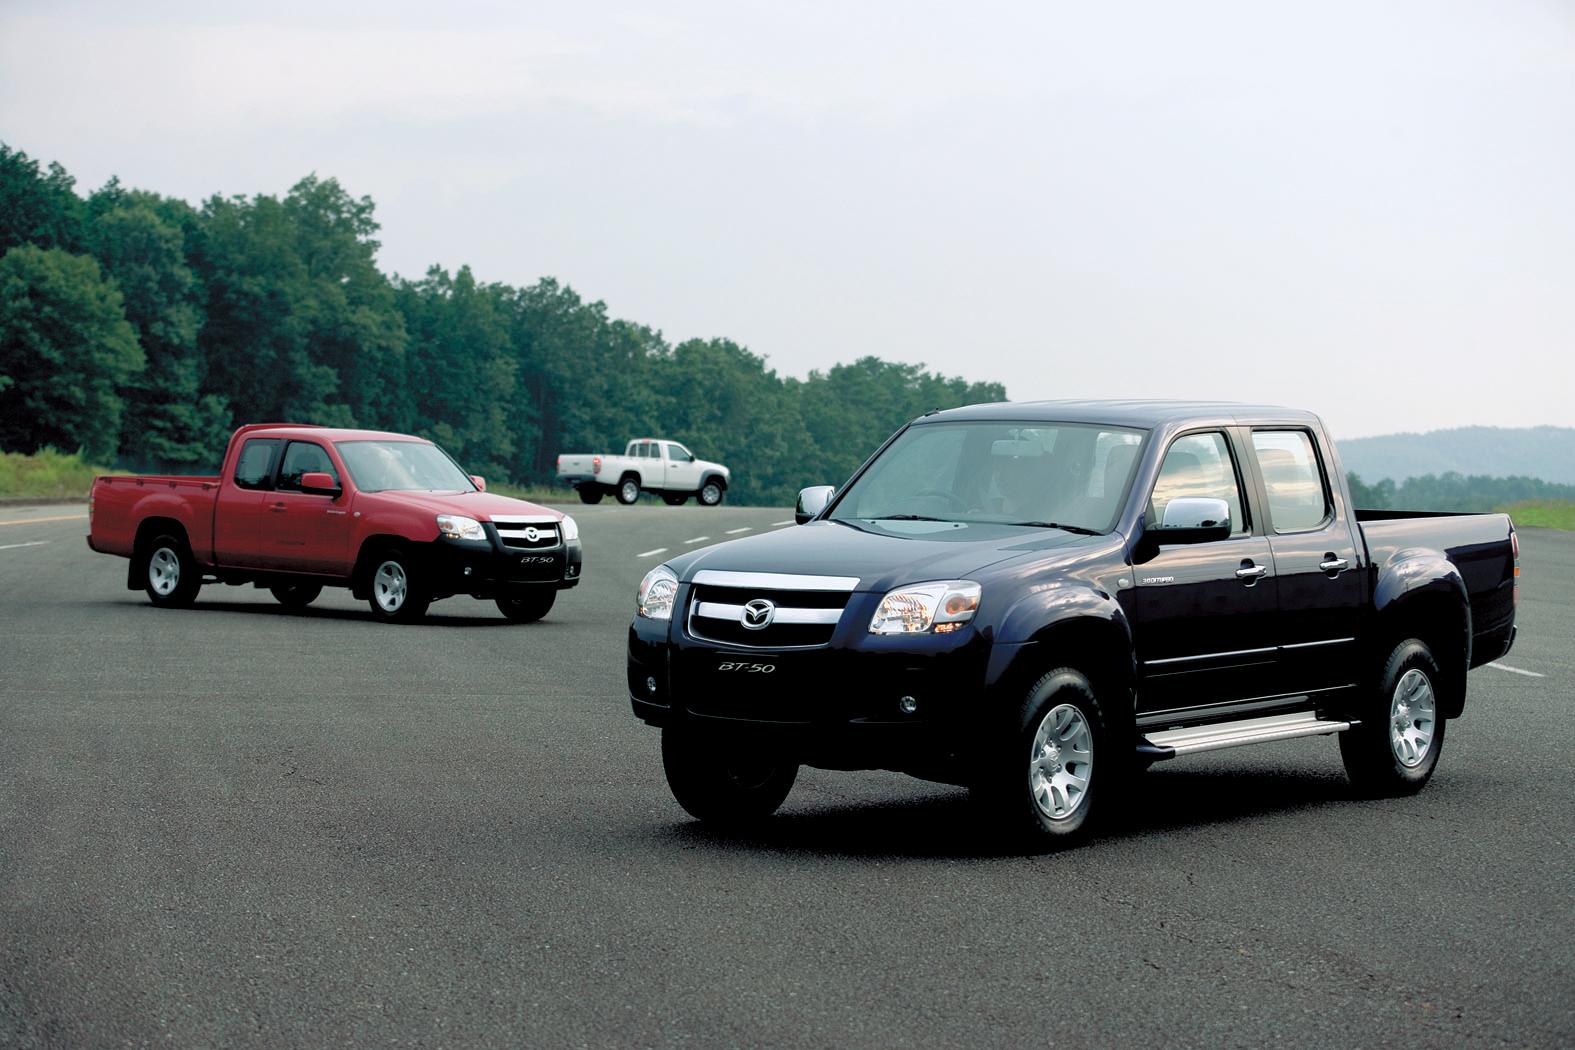 https://www.automobilesreview.com/img/mazda-bt-50-new/2006-mazda-bt-50-01.jpg